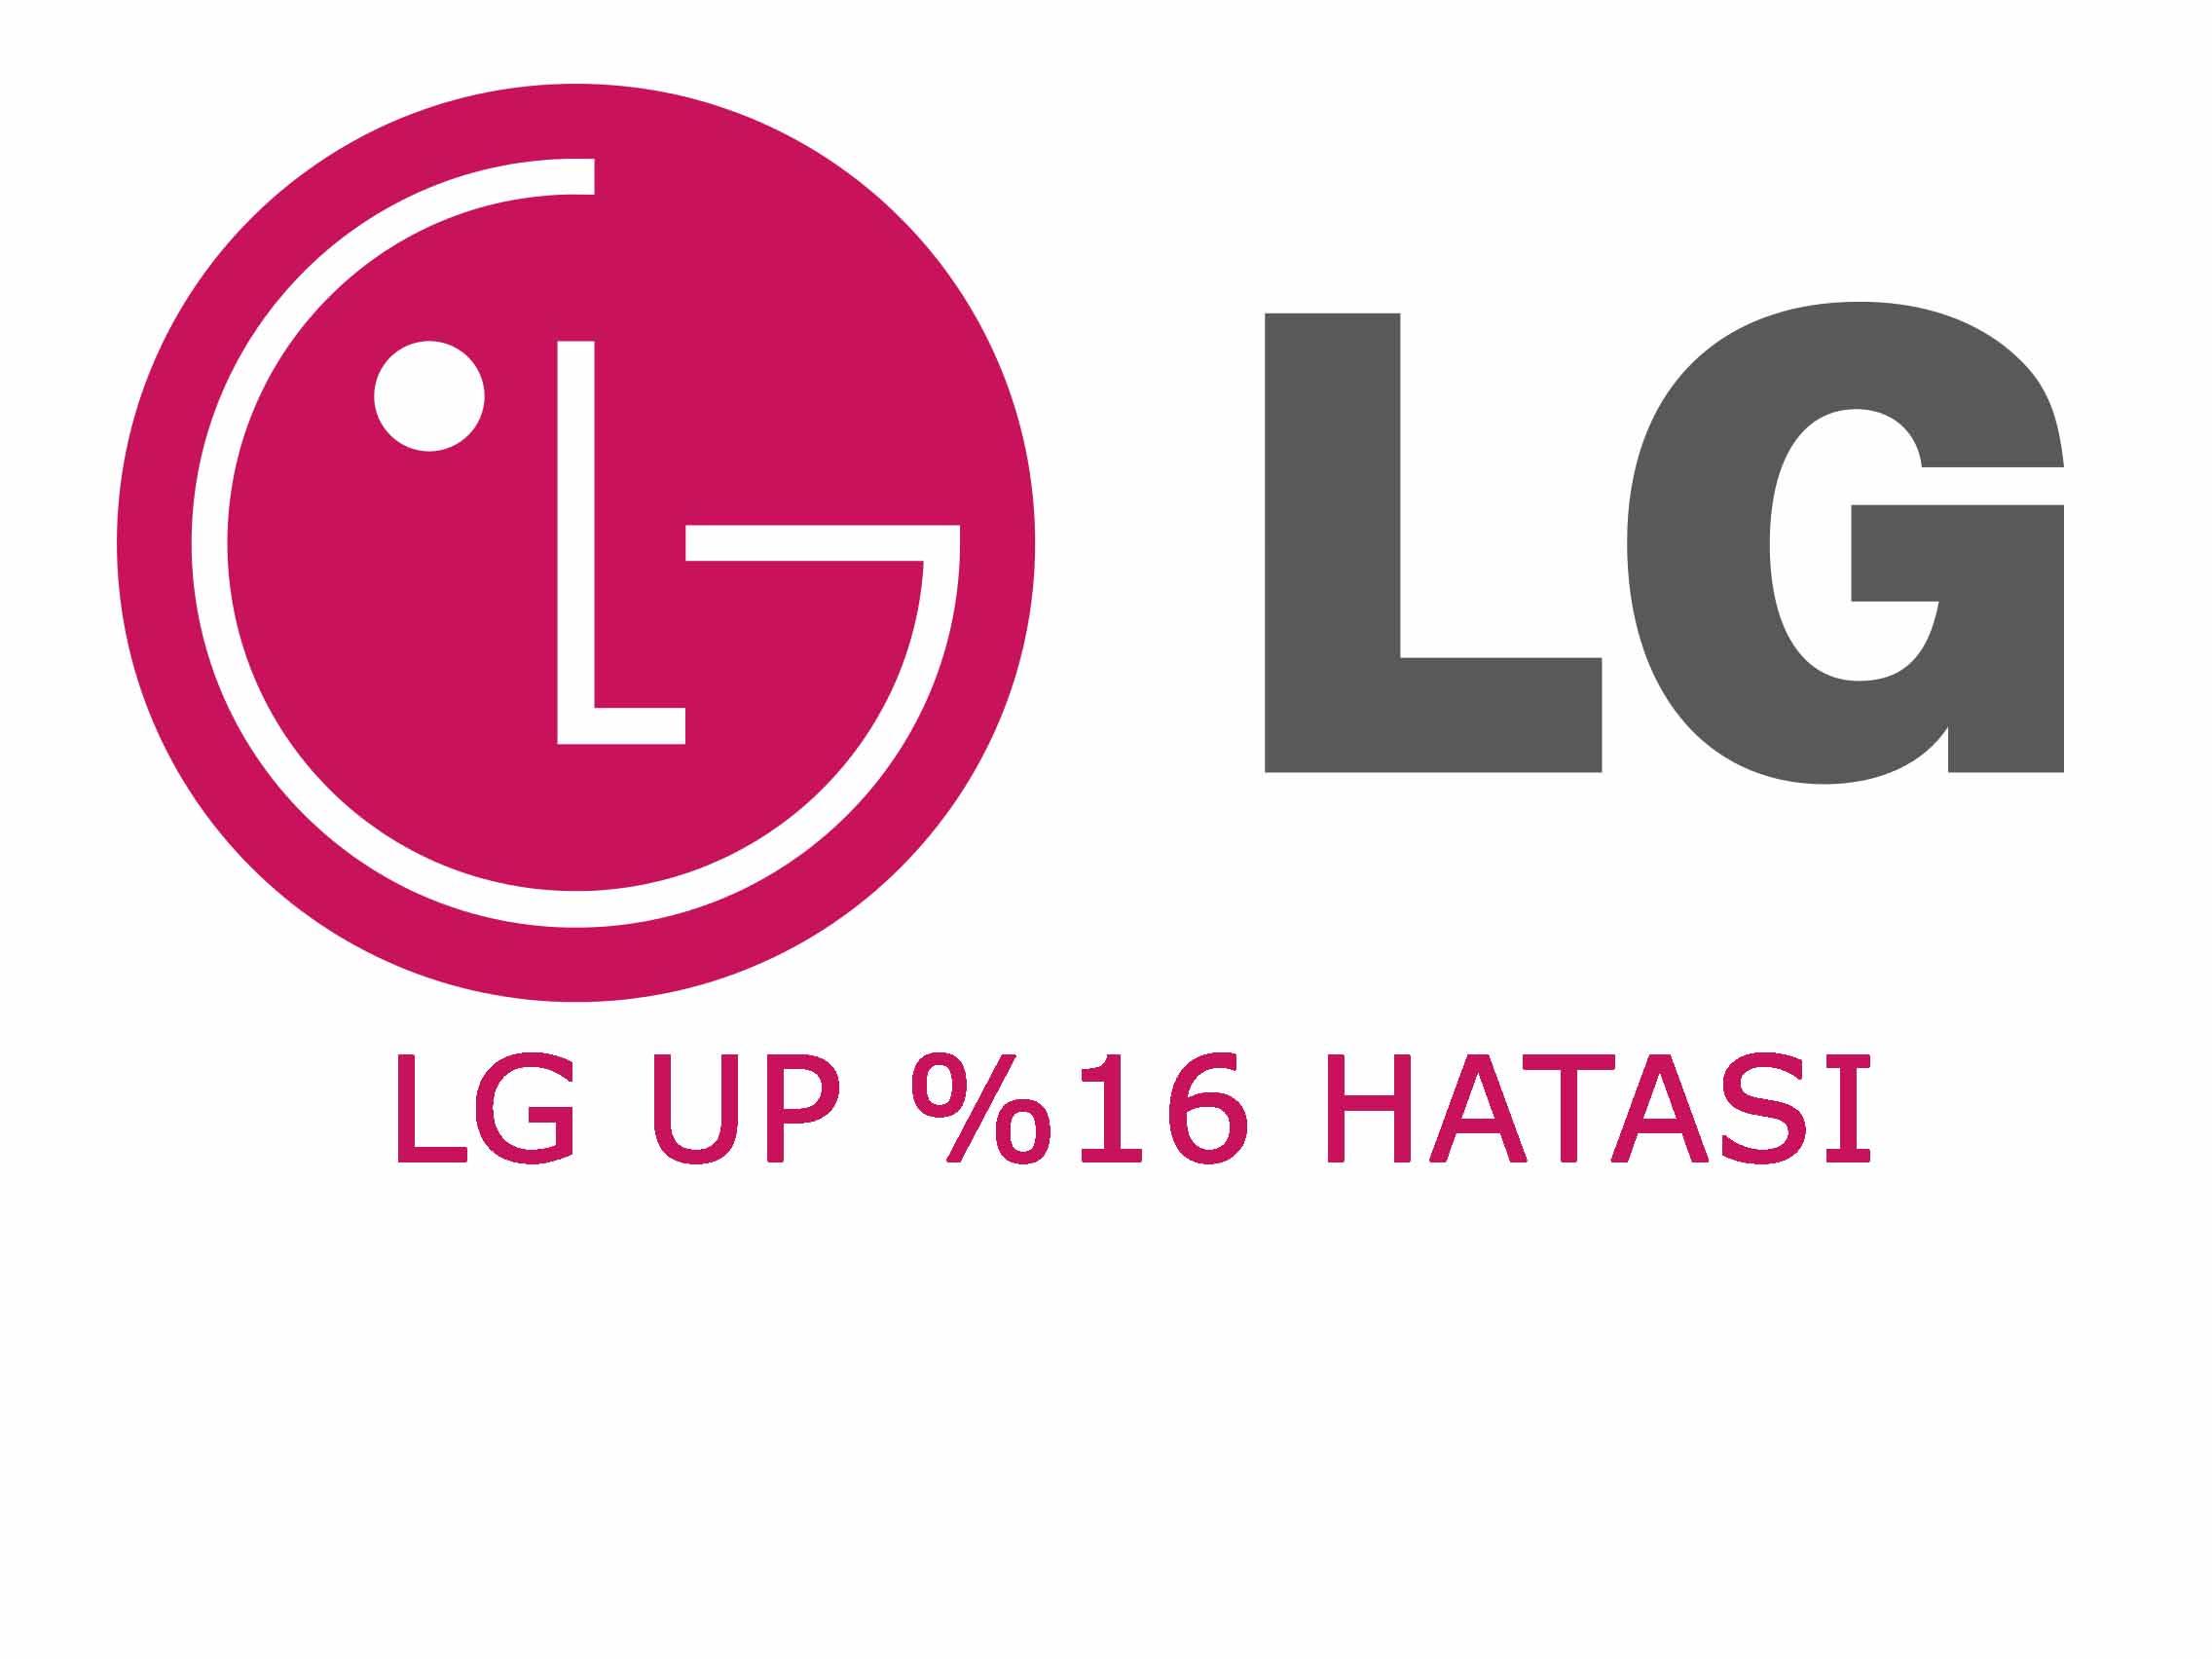 LG UP hatası LG UP %16'da Takılma Hatası Çözümü LG UP %16'da Takılma Hatası Çözümü lg up kdz